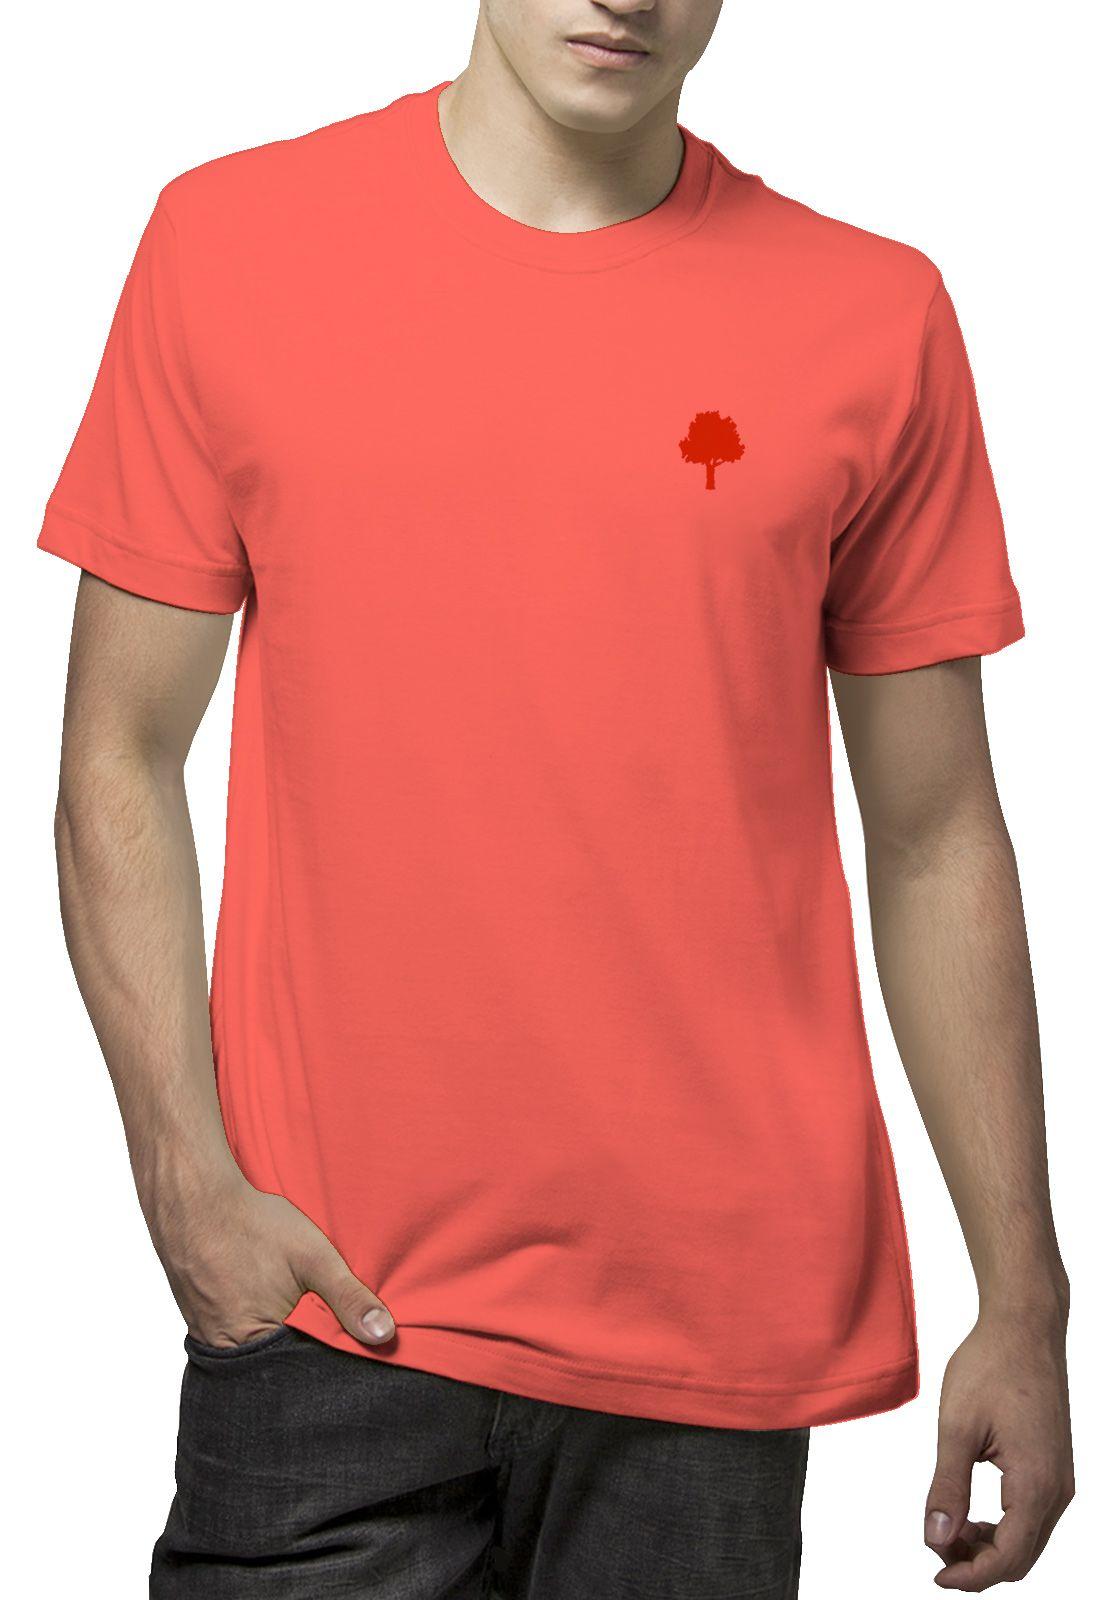 Camiseta Amazônia Básica Árvore Bordada - Vermelho Escuro Tamanho